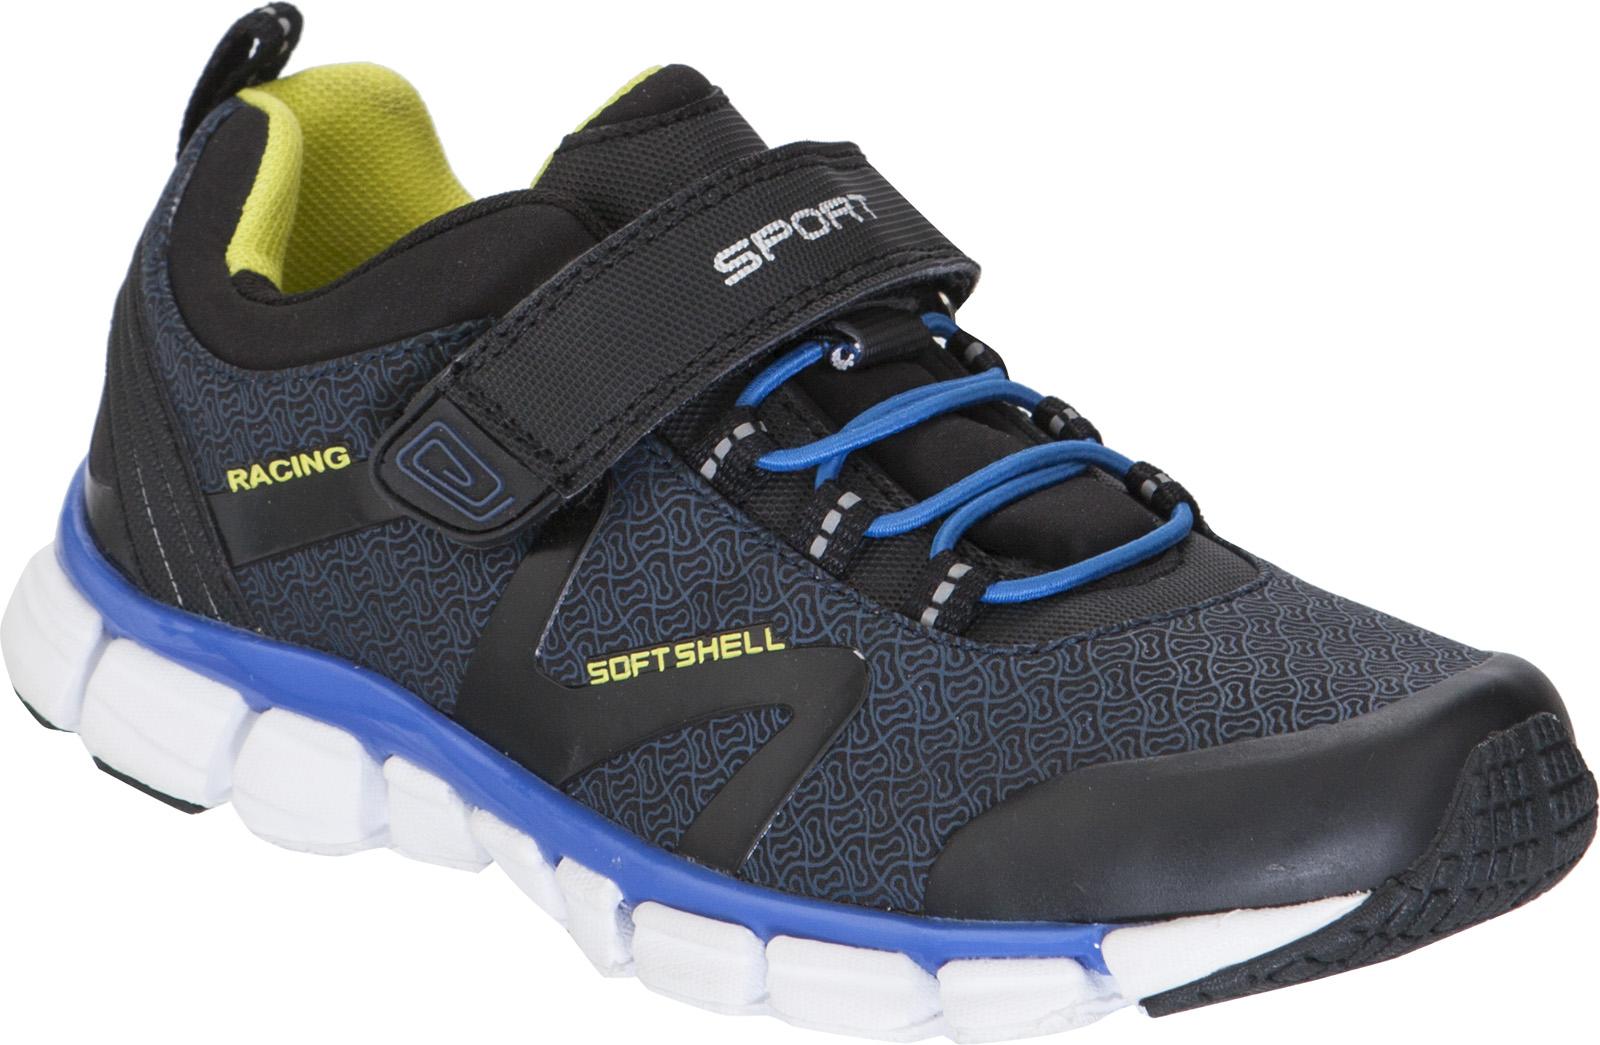 Кроссовки для мальчика Kapika, цвет: черный. 73232с-1. Размер 3473232с-1Детские кроссовки отлично подойдут для повседневной носки и для занятий спортом. Верх модели изготовлен из текстиля и качественной искусственной кожи. Подошва из прочного полимера дополнена рифлением. Кроссовки займут достойное место в гардеробе и подарят комфорт.